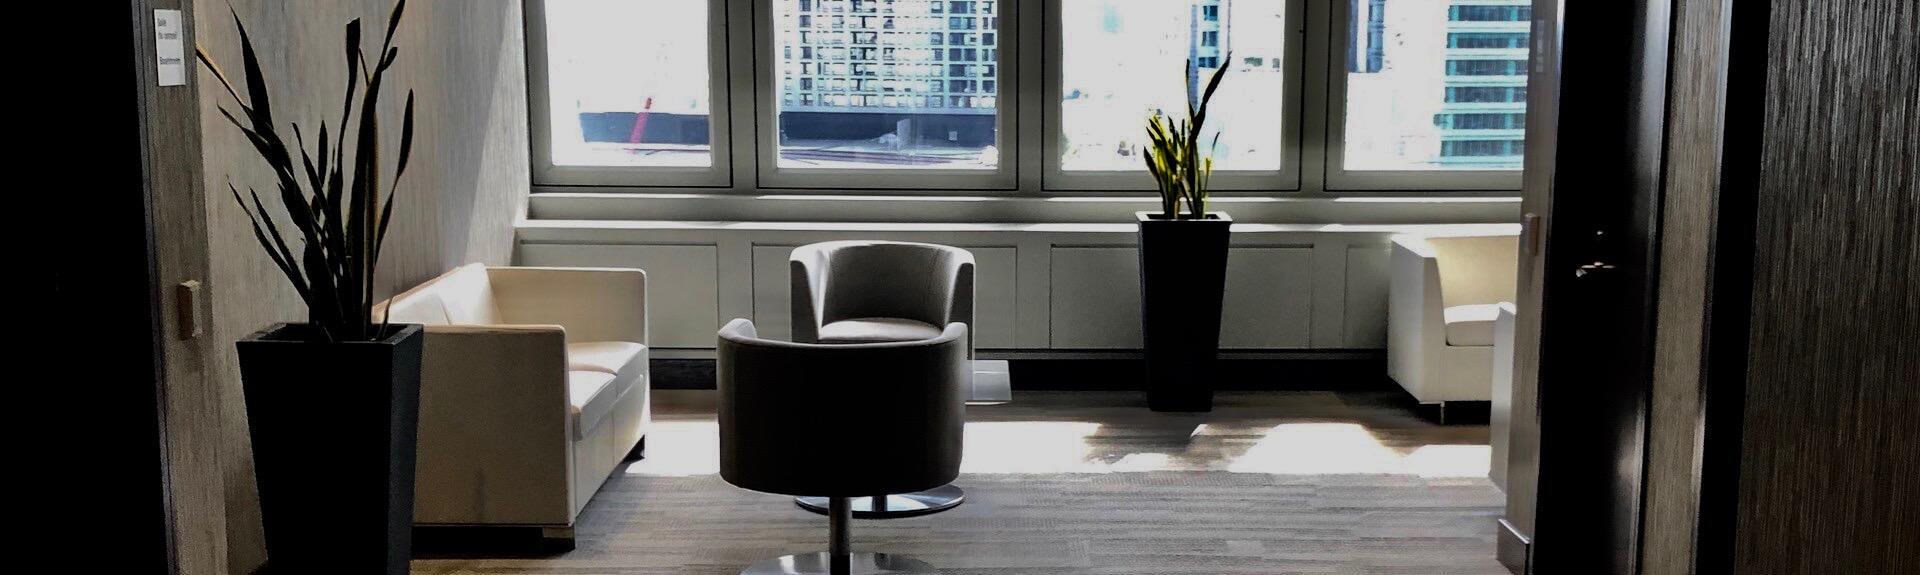 Aménagement intérieur d'une salle d'attente dans une tour à bureaux